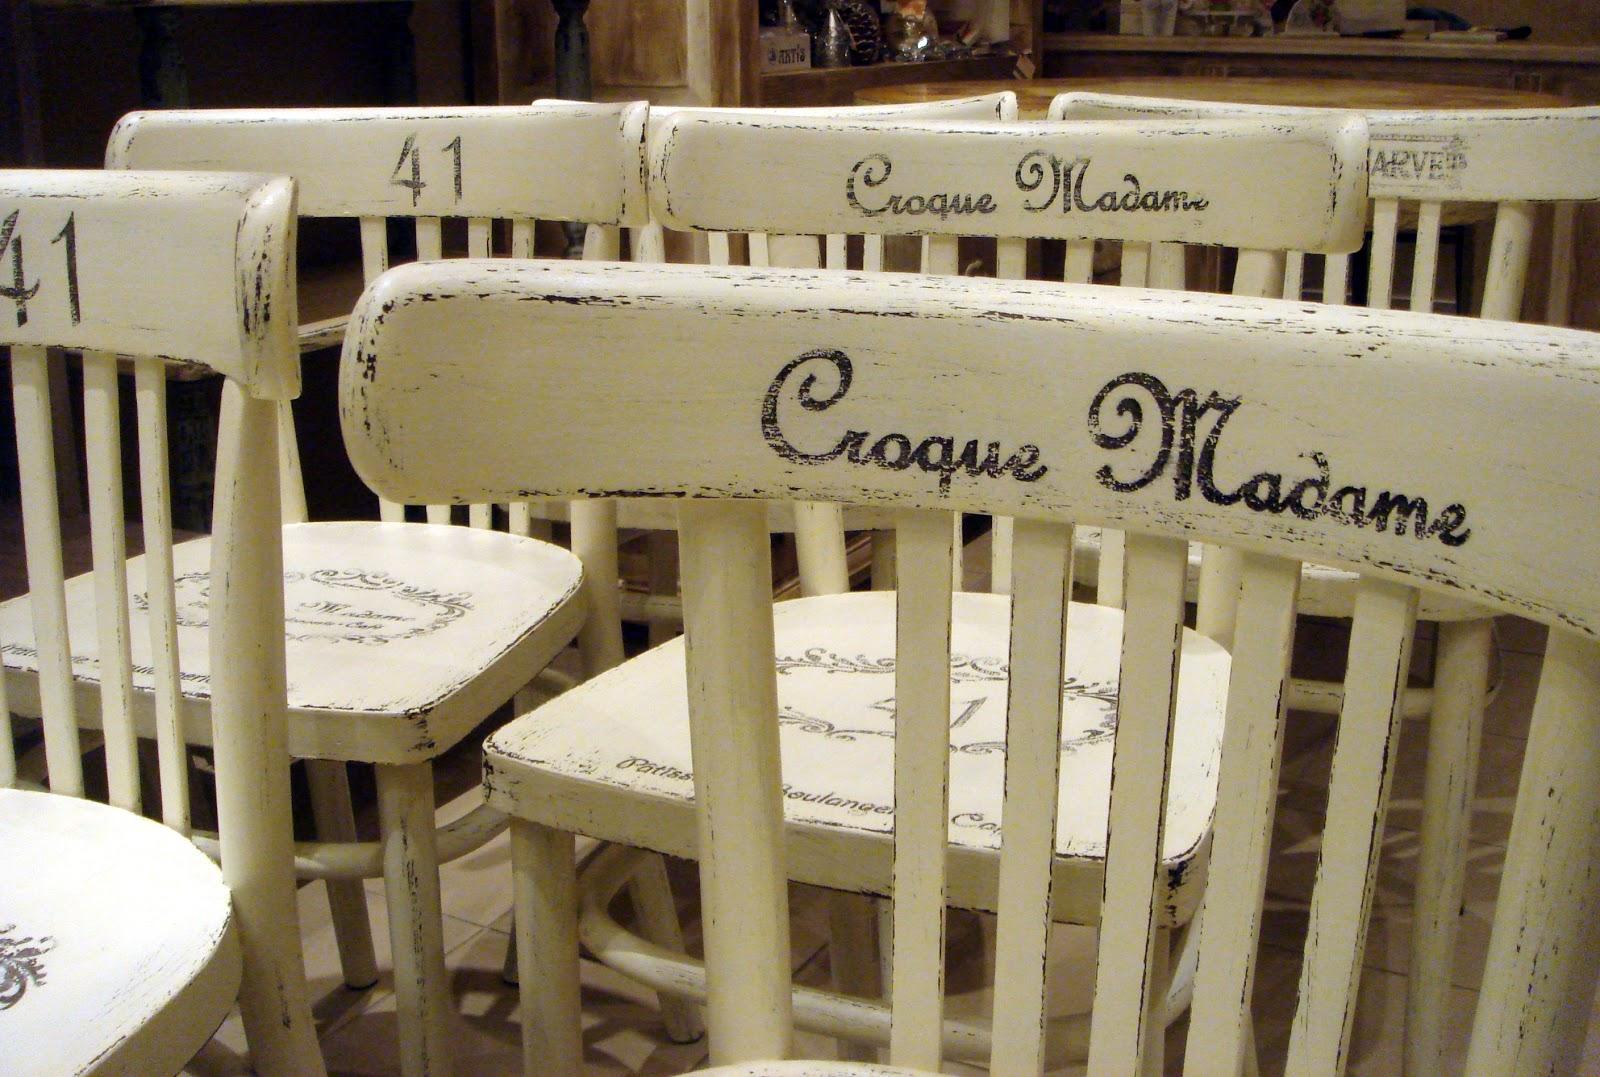 Krzesła dla Croque Madame